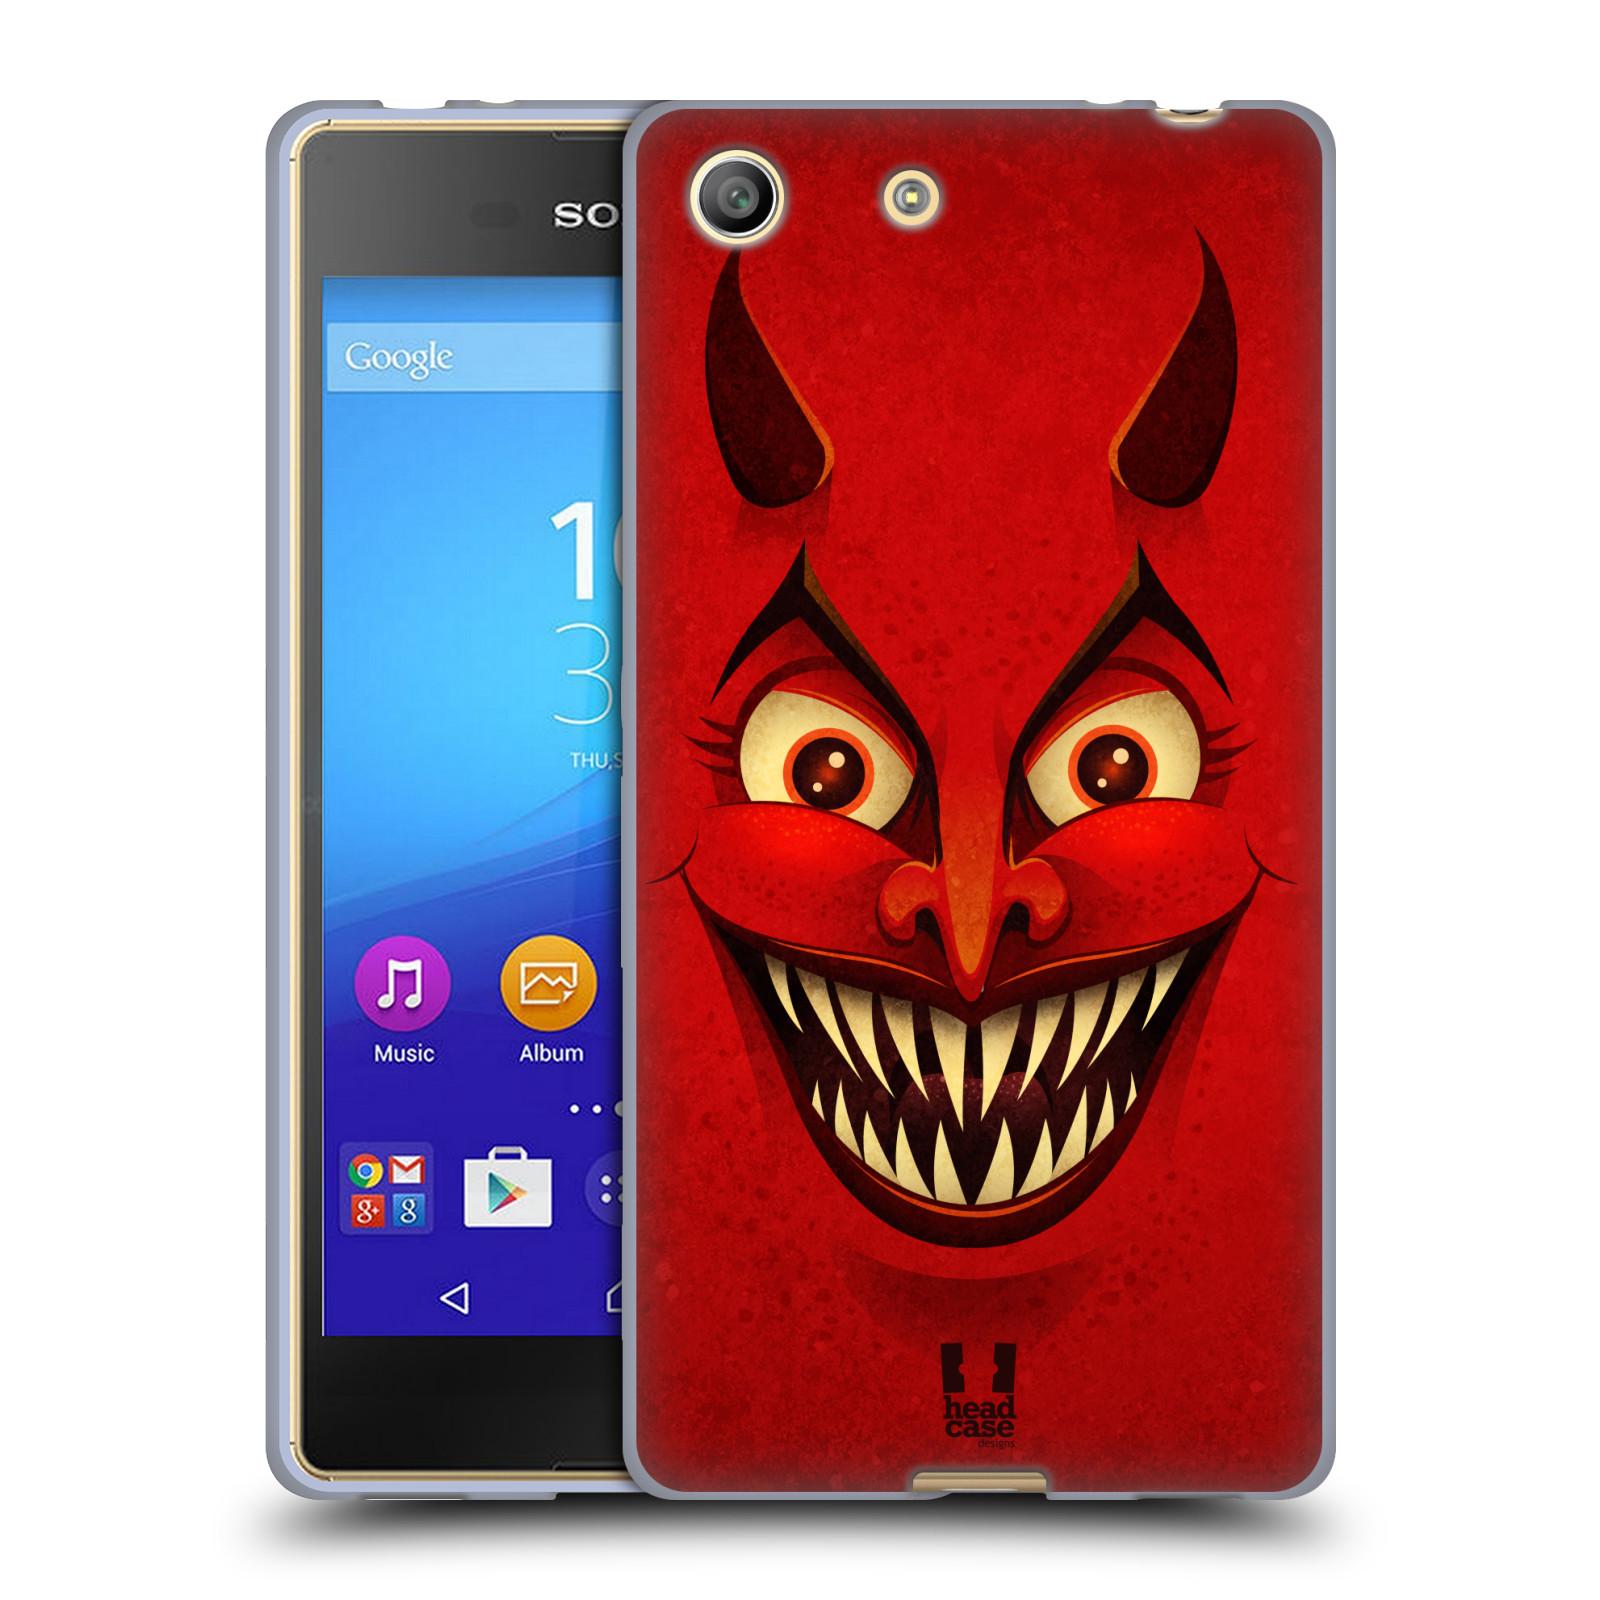 Silikonové pouzdro na mobil Sony Xperia M5 HEAD CASE ČERT (Silikonový kryt či obal na mobilní telefon Sony Xperia M5 Dual SIM / Aqua)